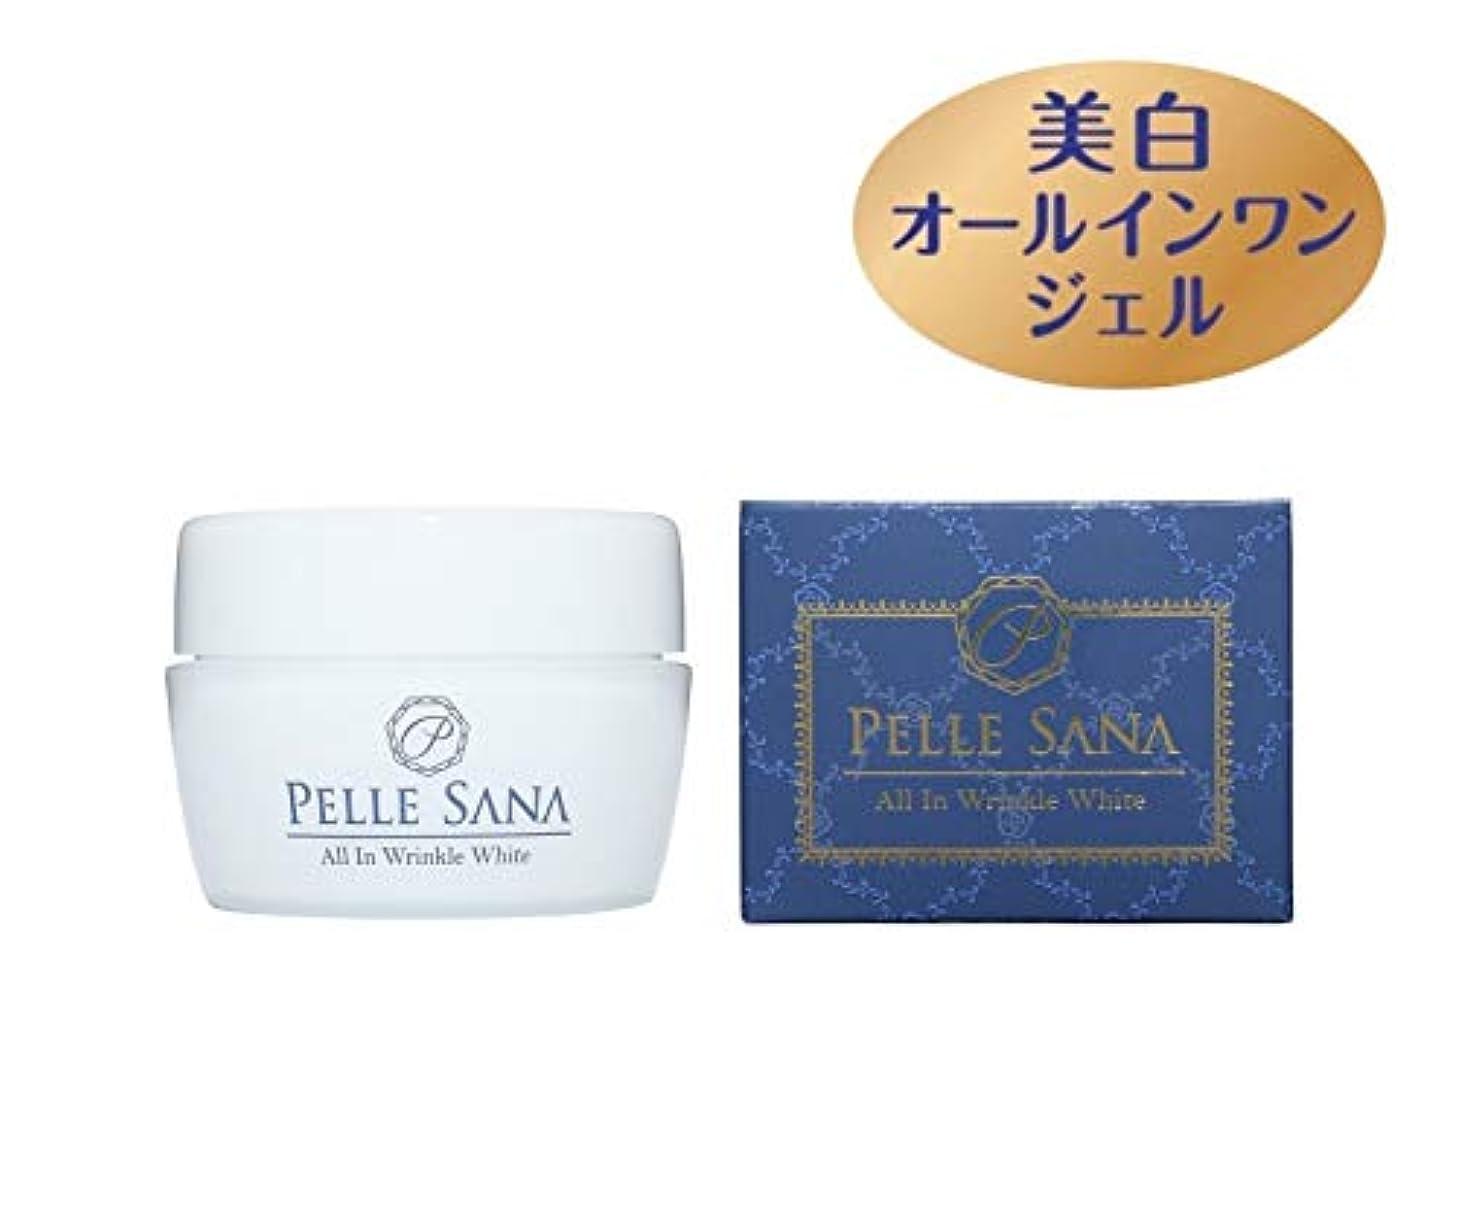 サンドイッチ司令官非互換【薬用オールインワンジェル】PELLE SANA (ペレサナ) All In Winkle White 100g